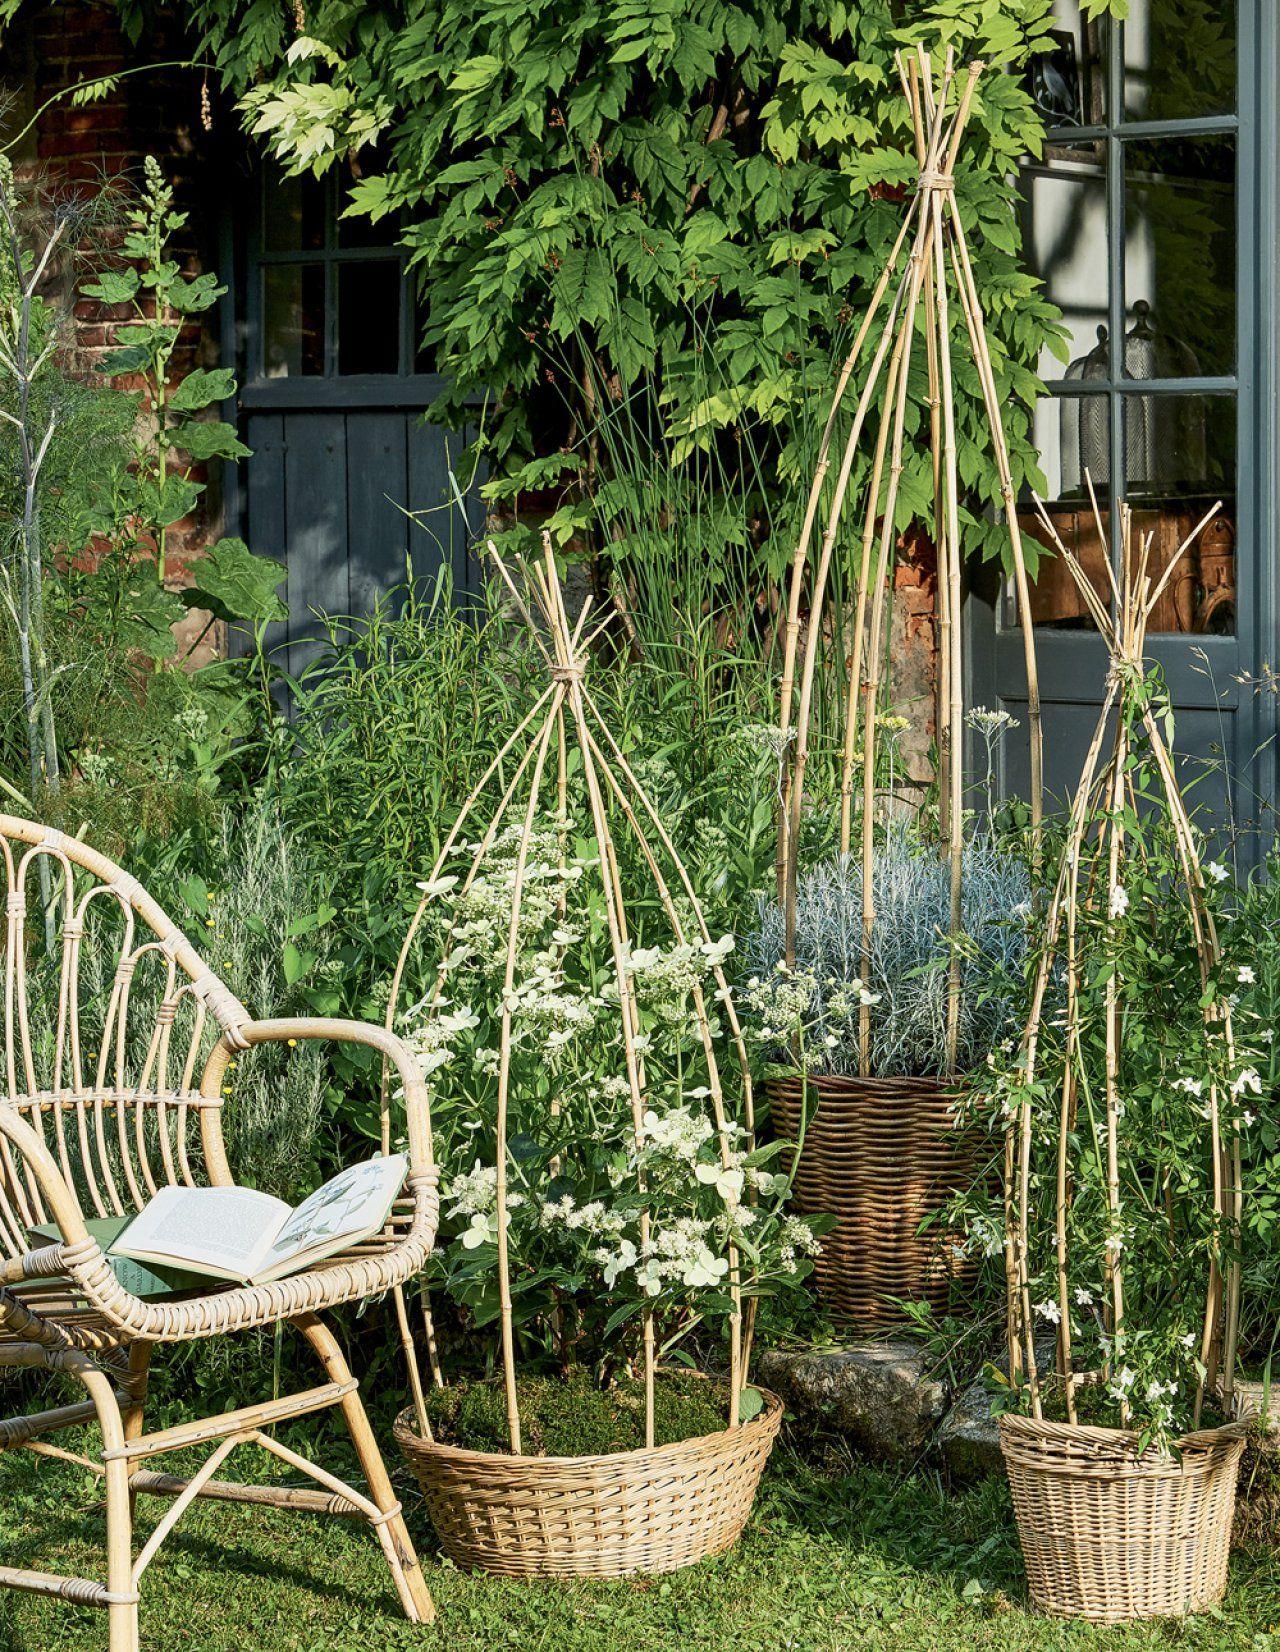 fabriquer des paniers tuteurs en bambou pour son jardin pinterest paniers en osier osier et. Black Bedroom Furniture Sets. Home Design Ideas